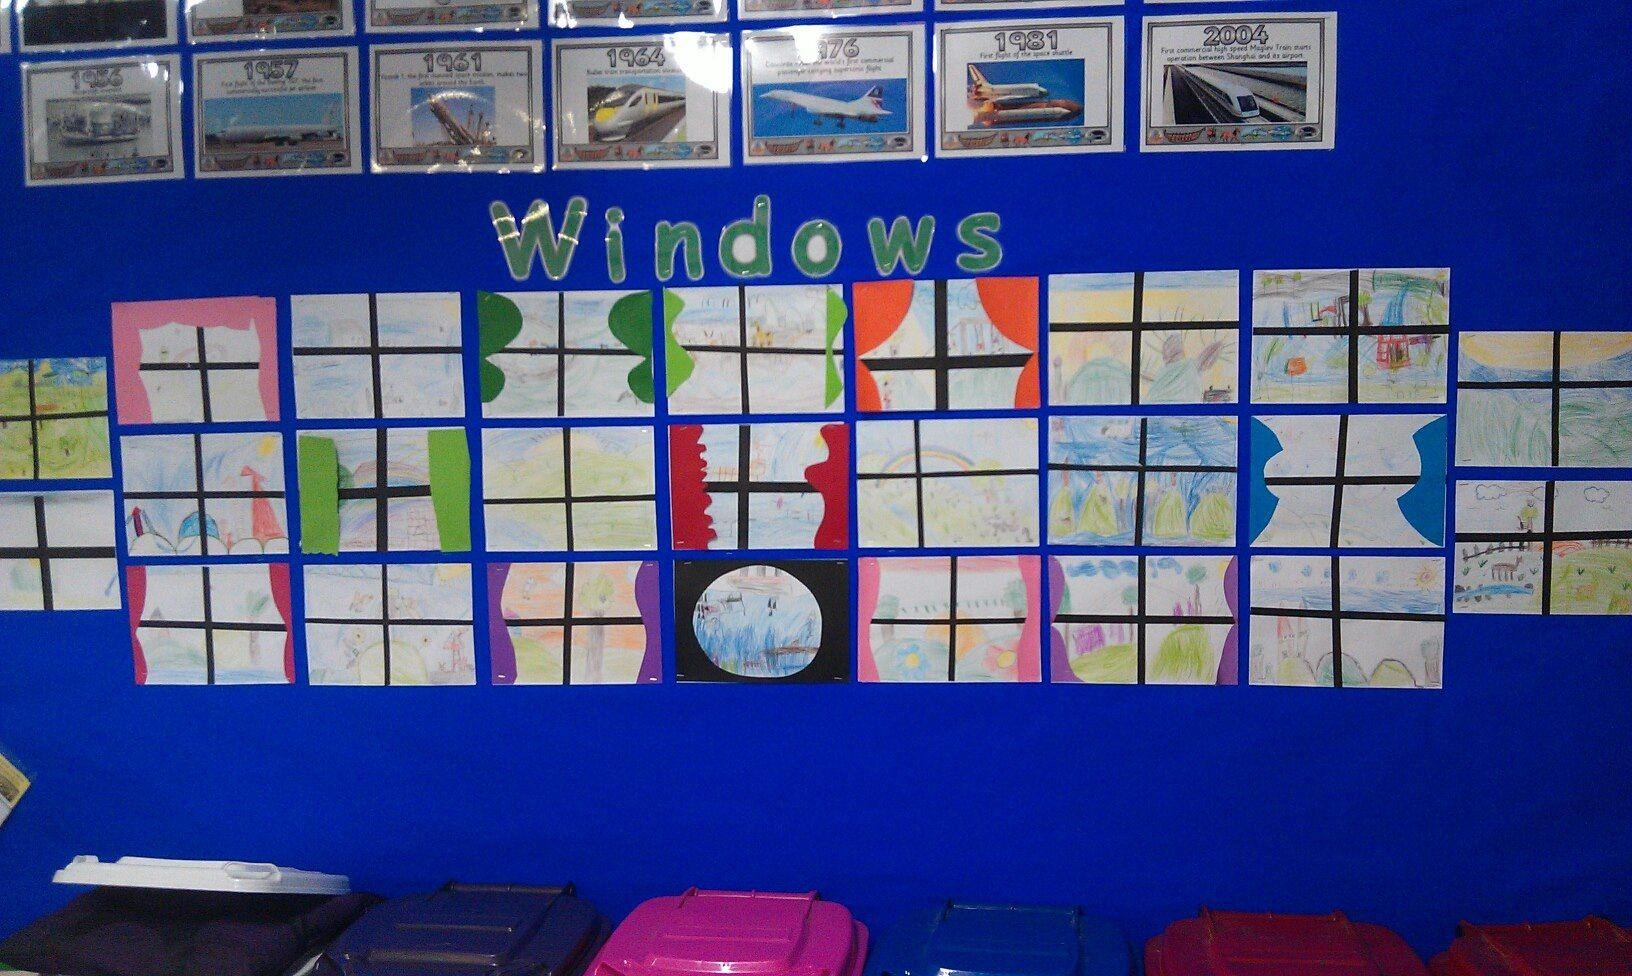 Windows art inspired by Jeannie Baker book Window  Homeschool art